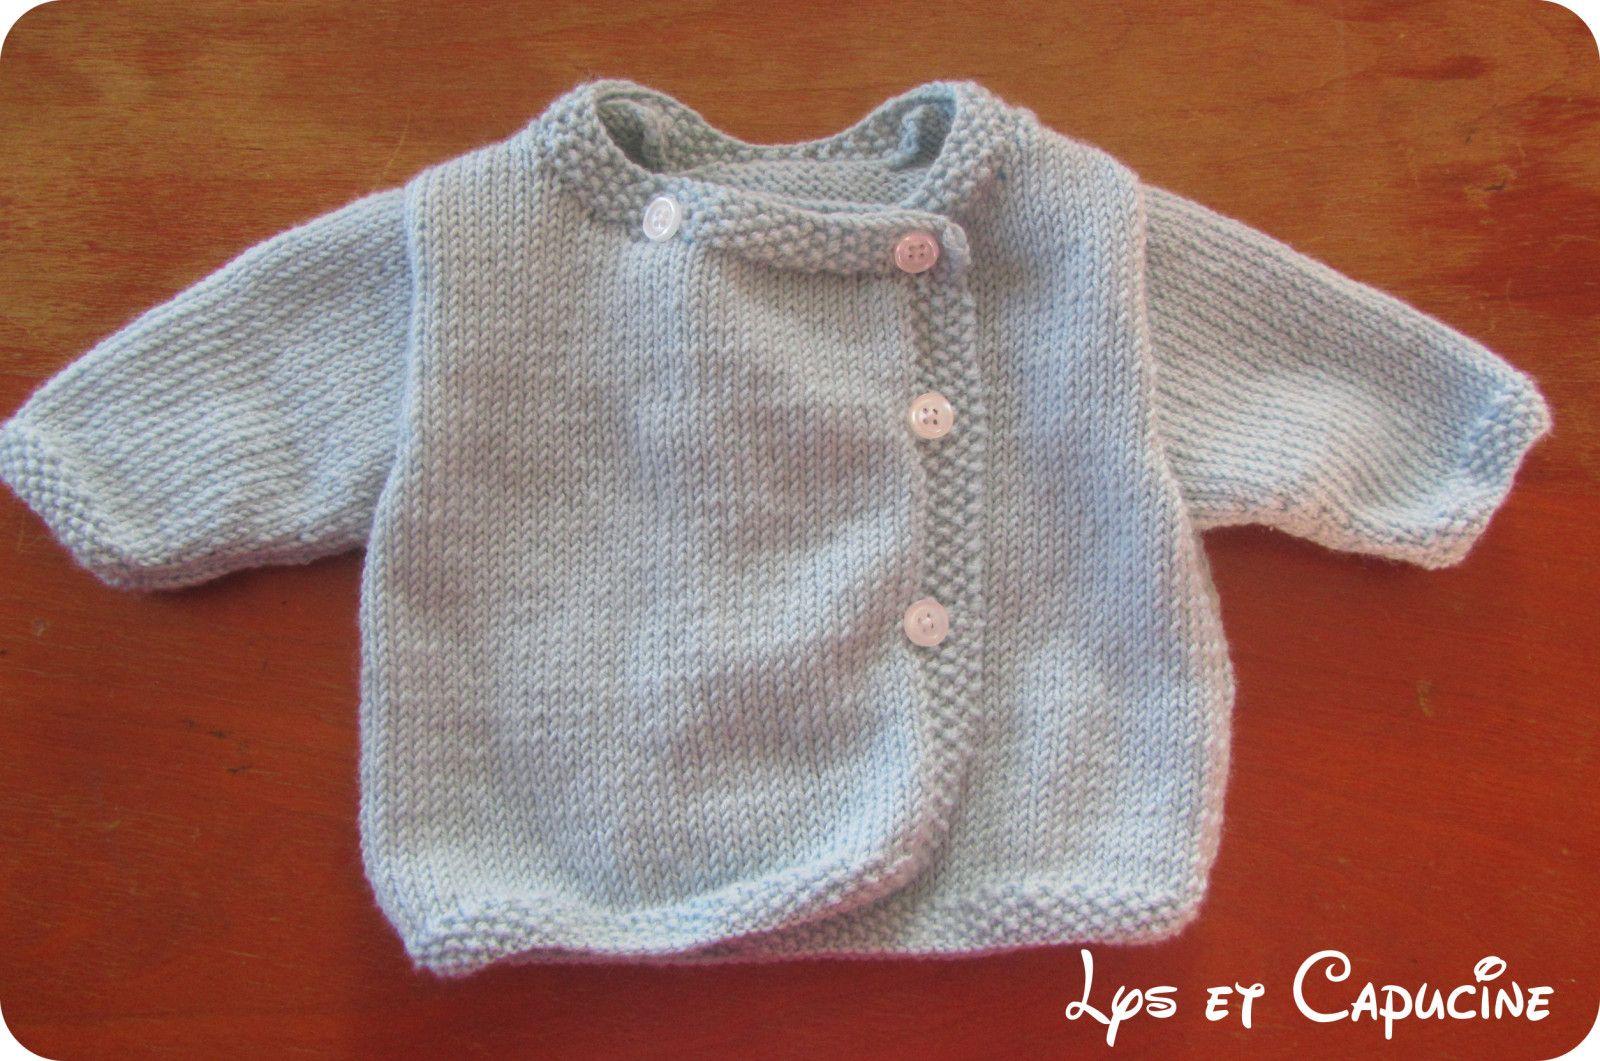 modele tricot layette naissance gratuit